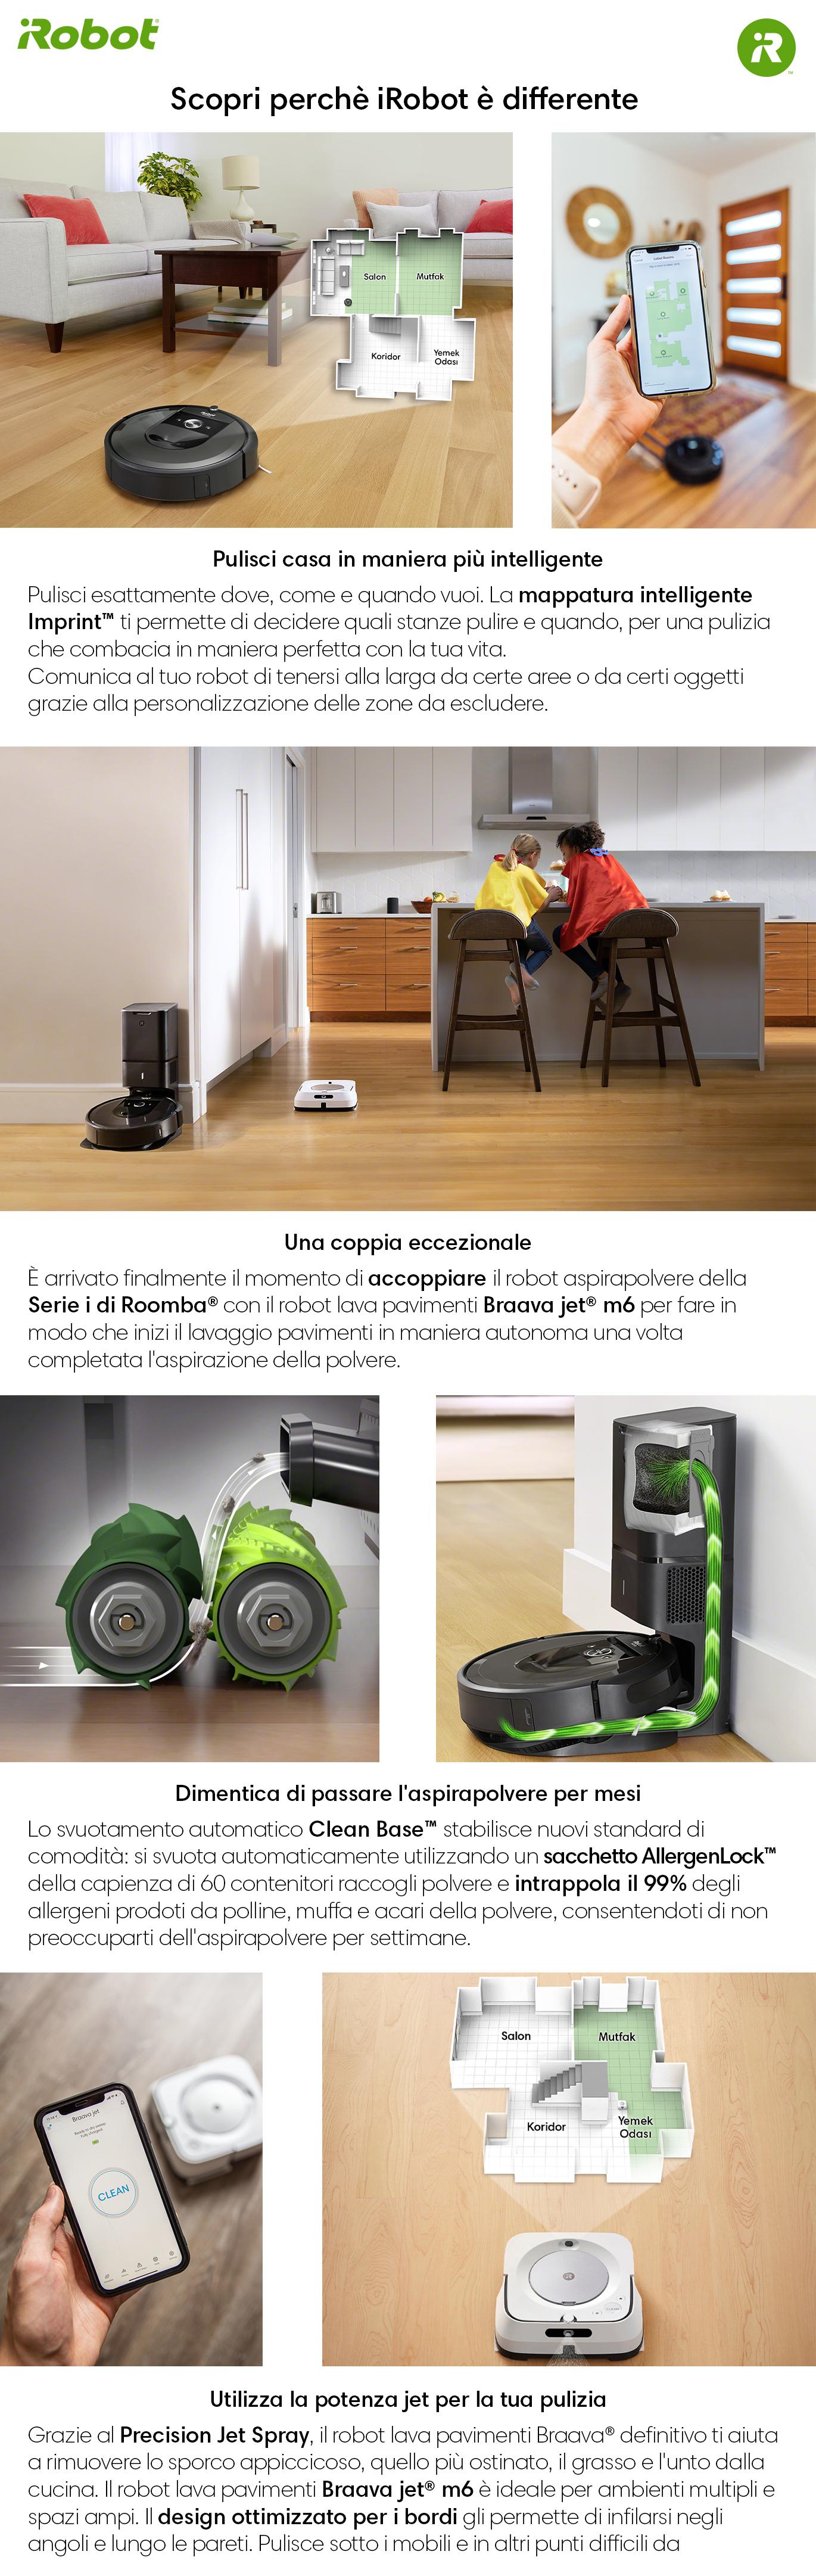 Promozione Piccoli elettrodomestici: Roomba iRobot